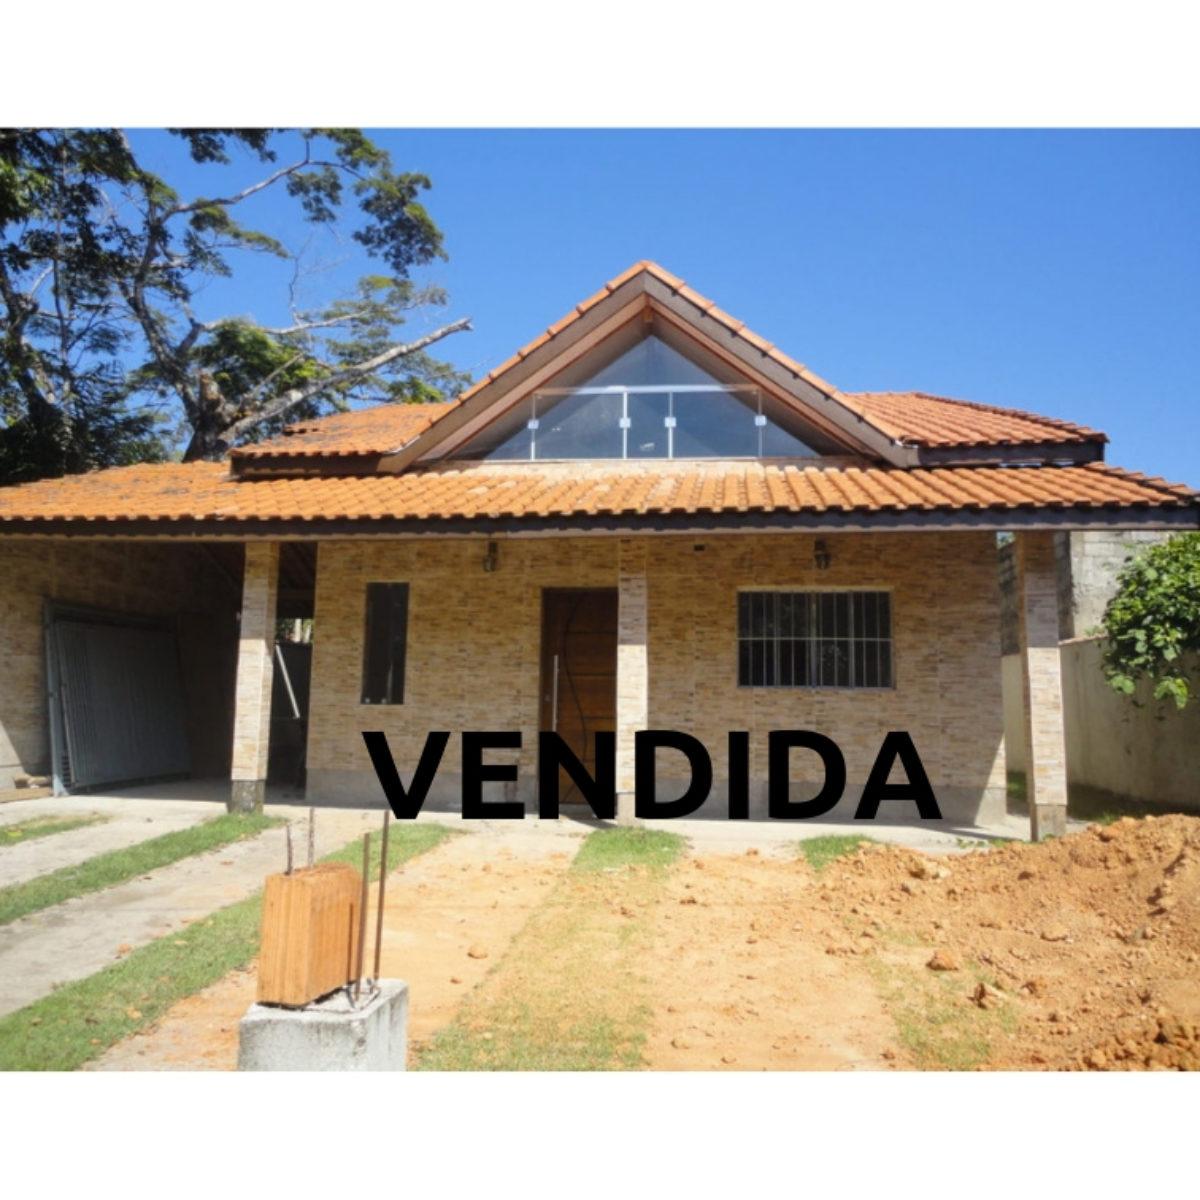 Ref.:  Casa térrea 3 dorm (81264) VENDIDA